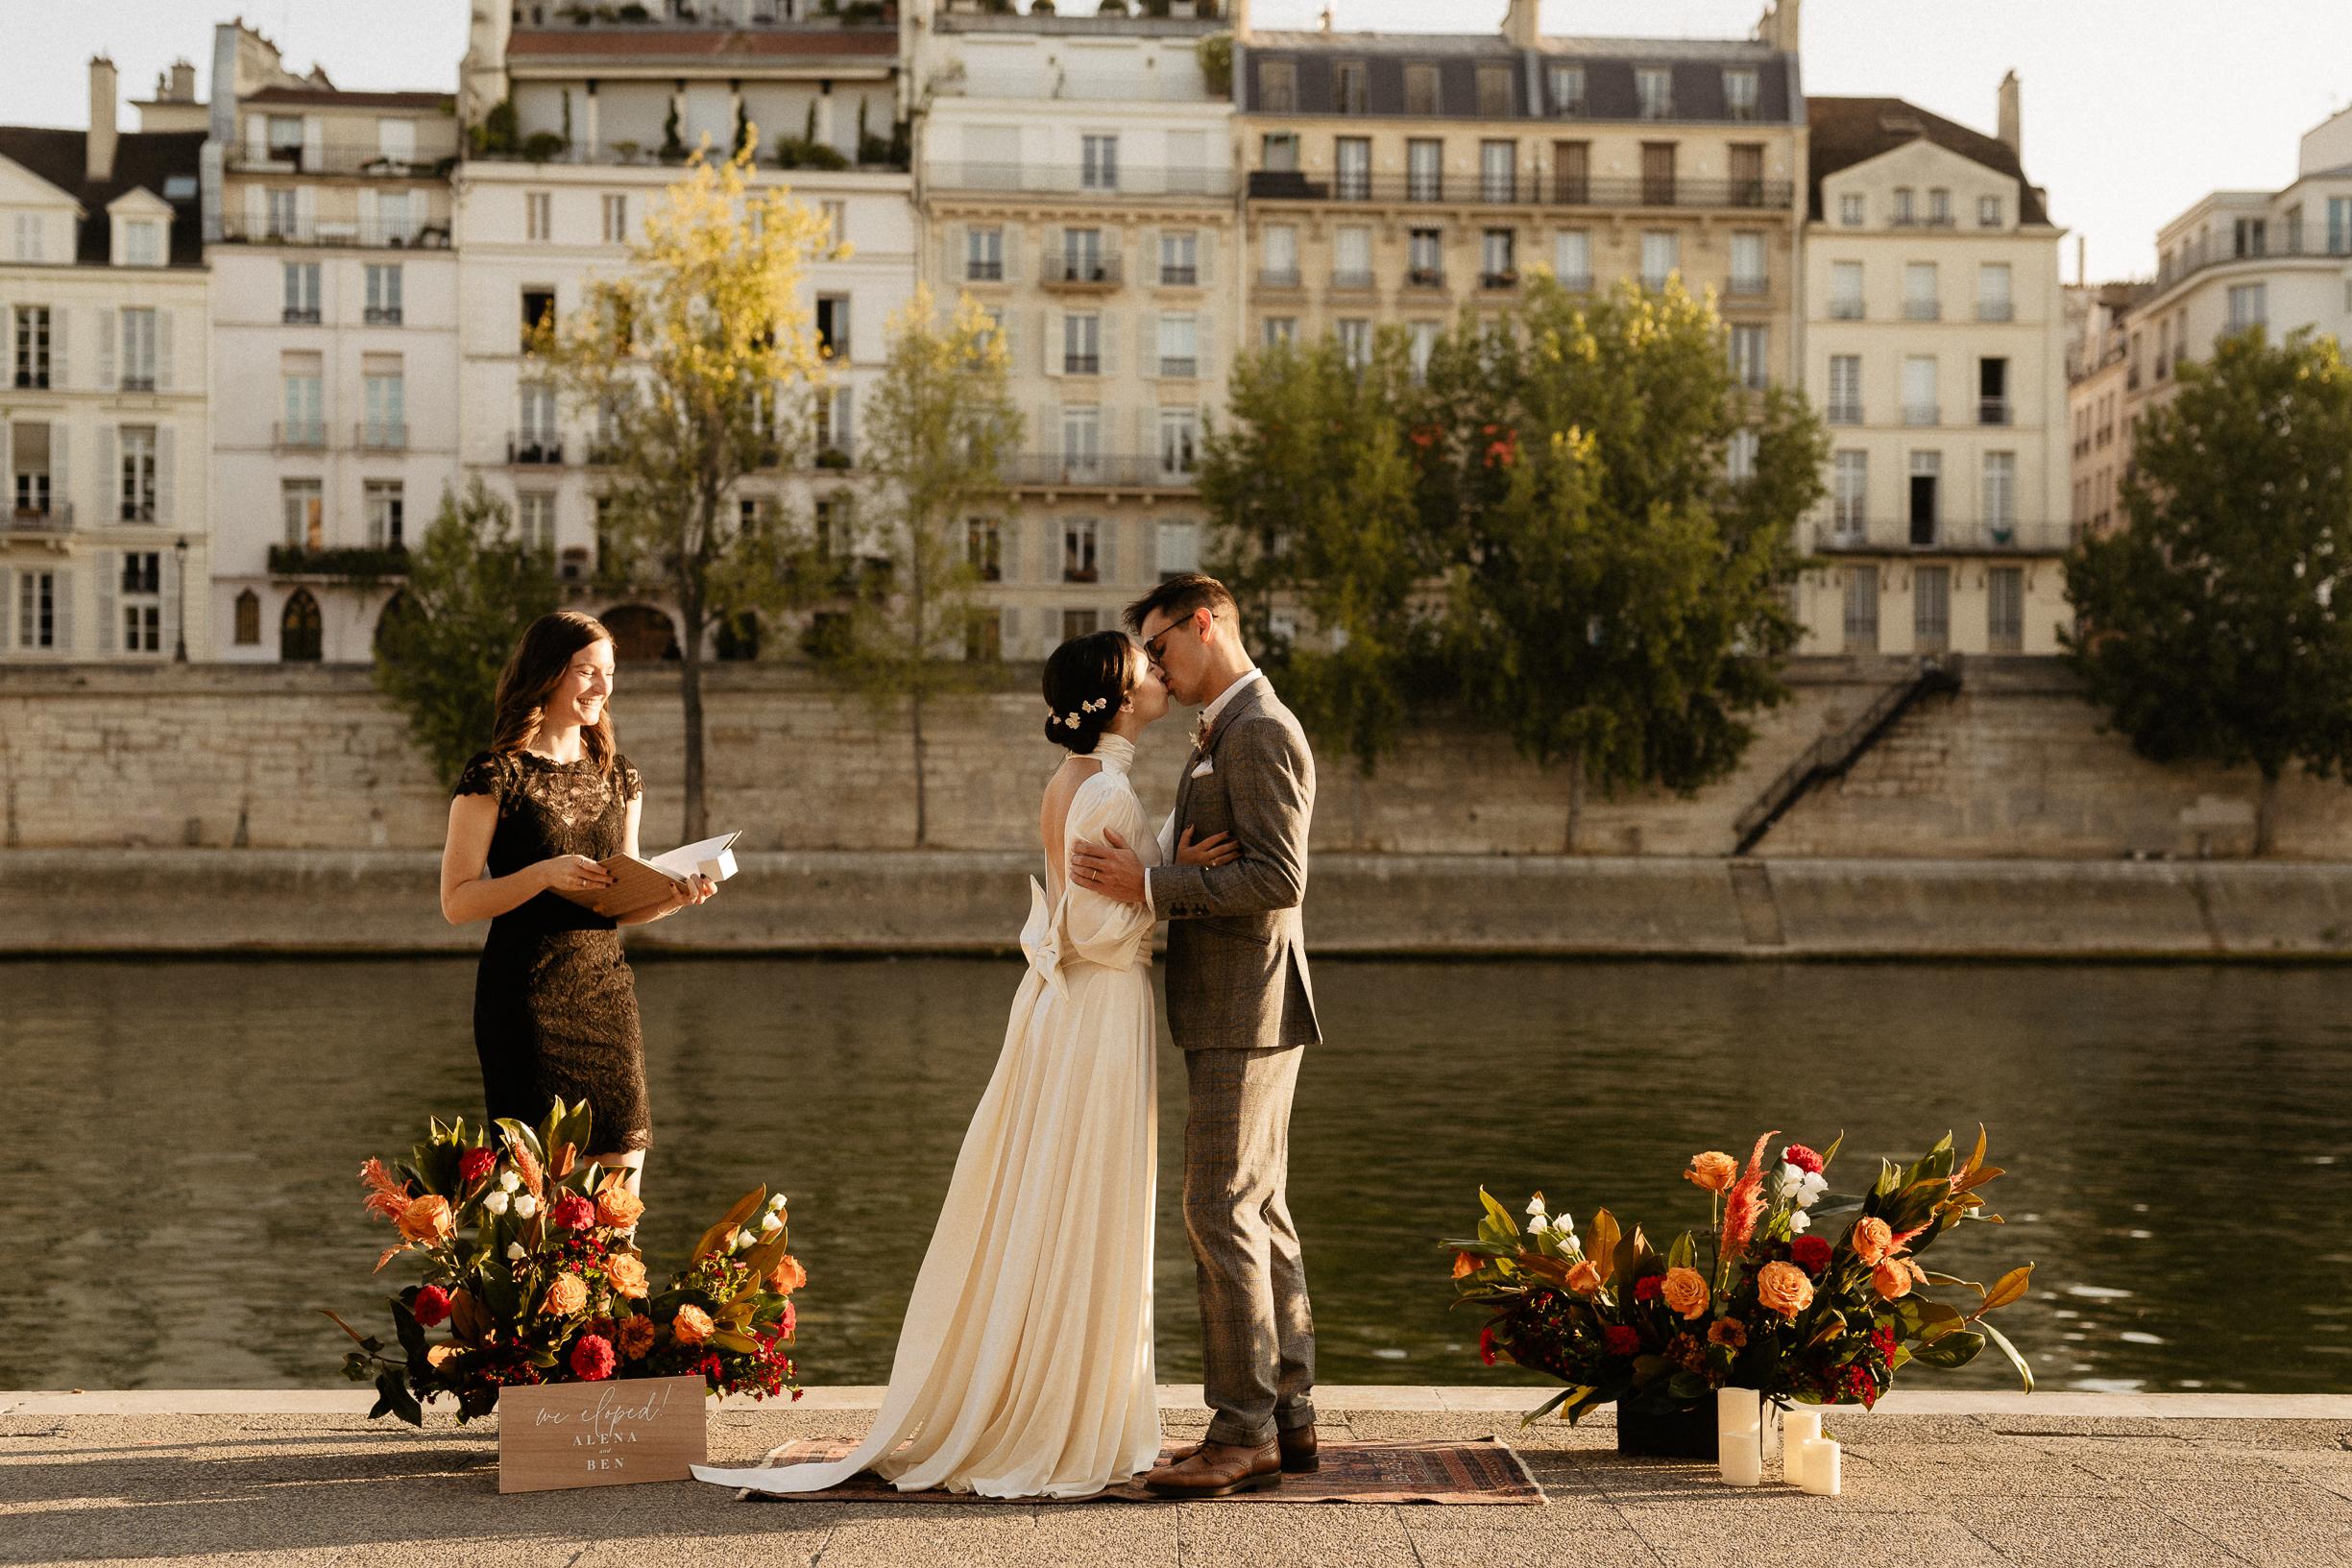 Paris Elopement by The Seine River